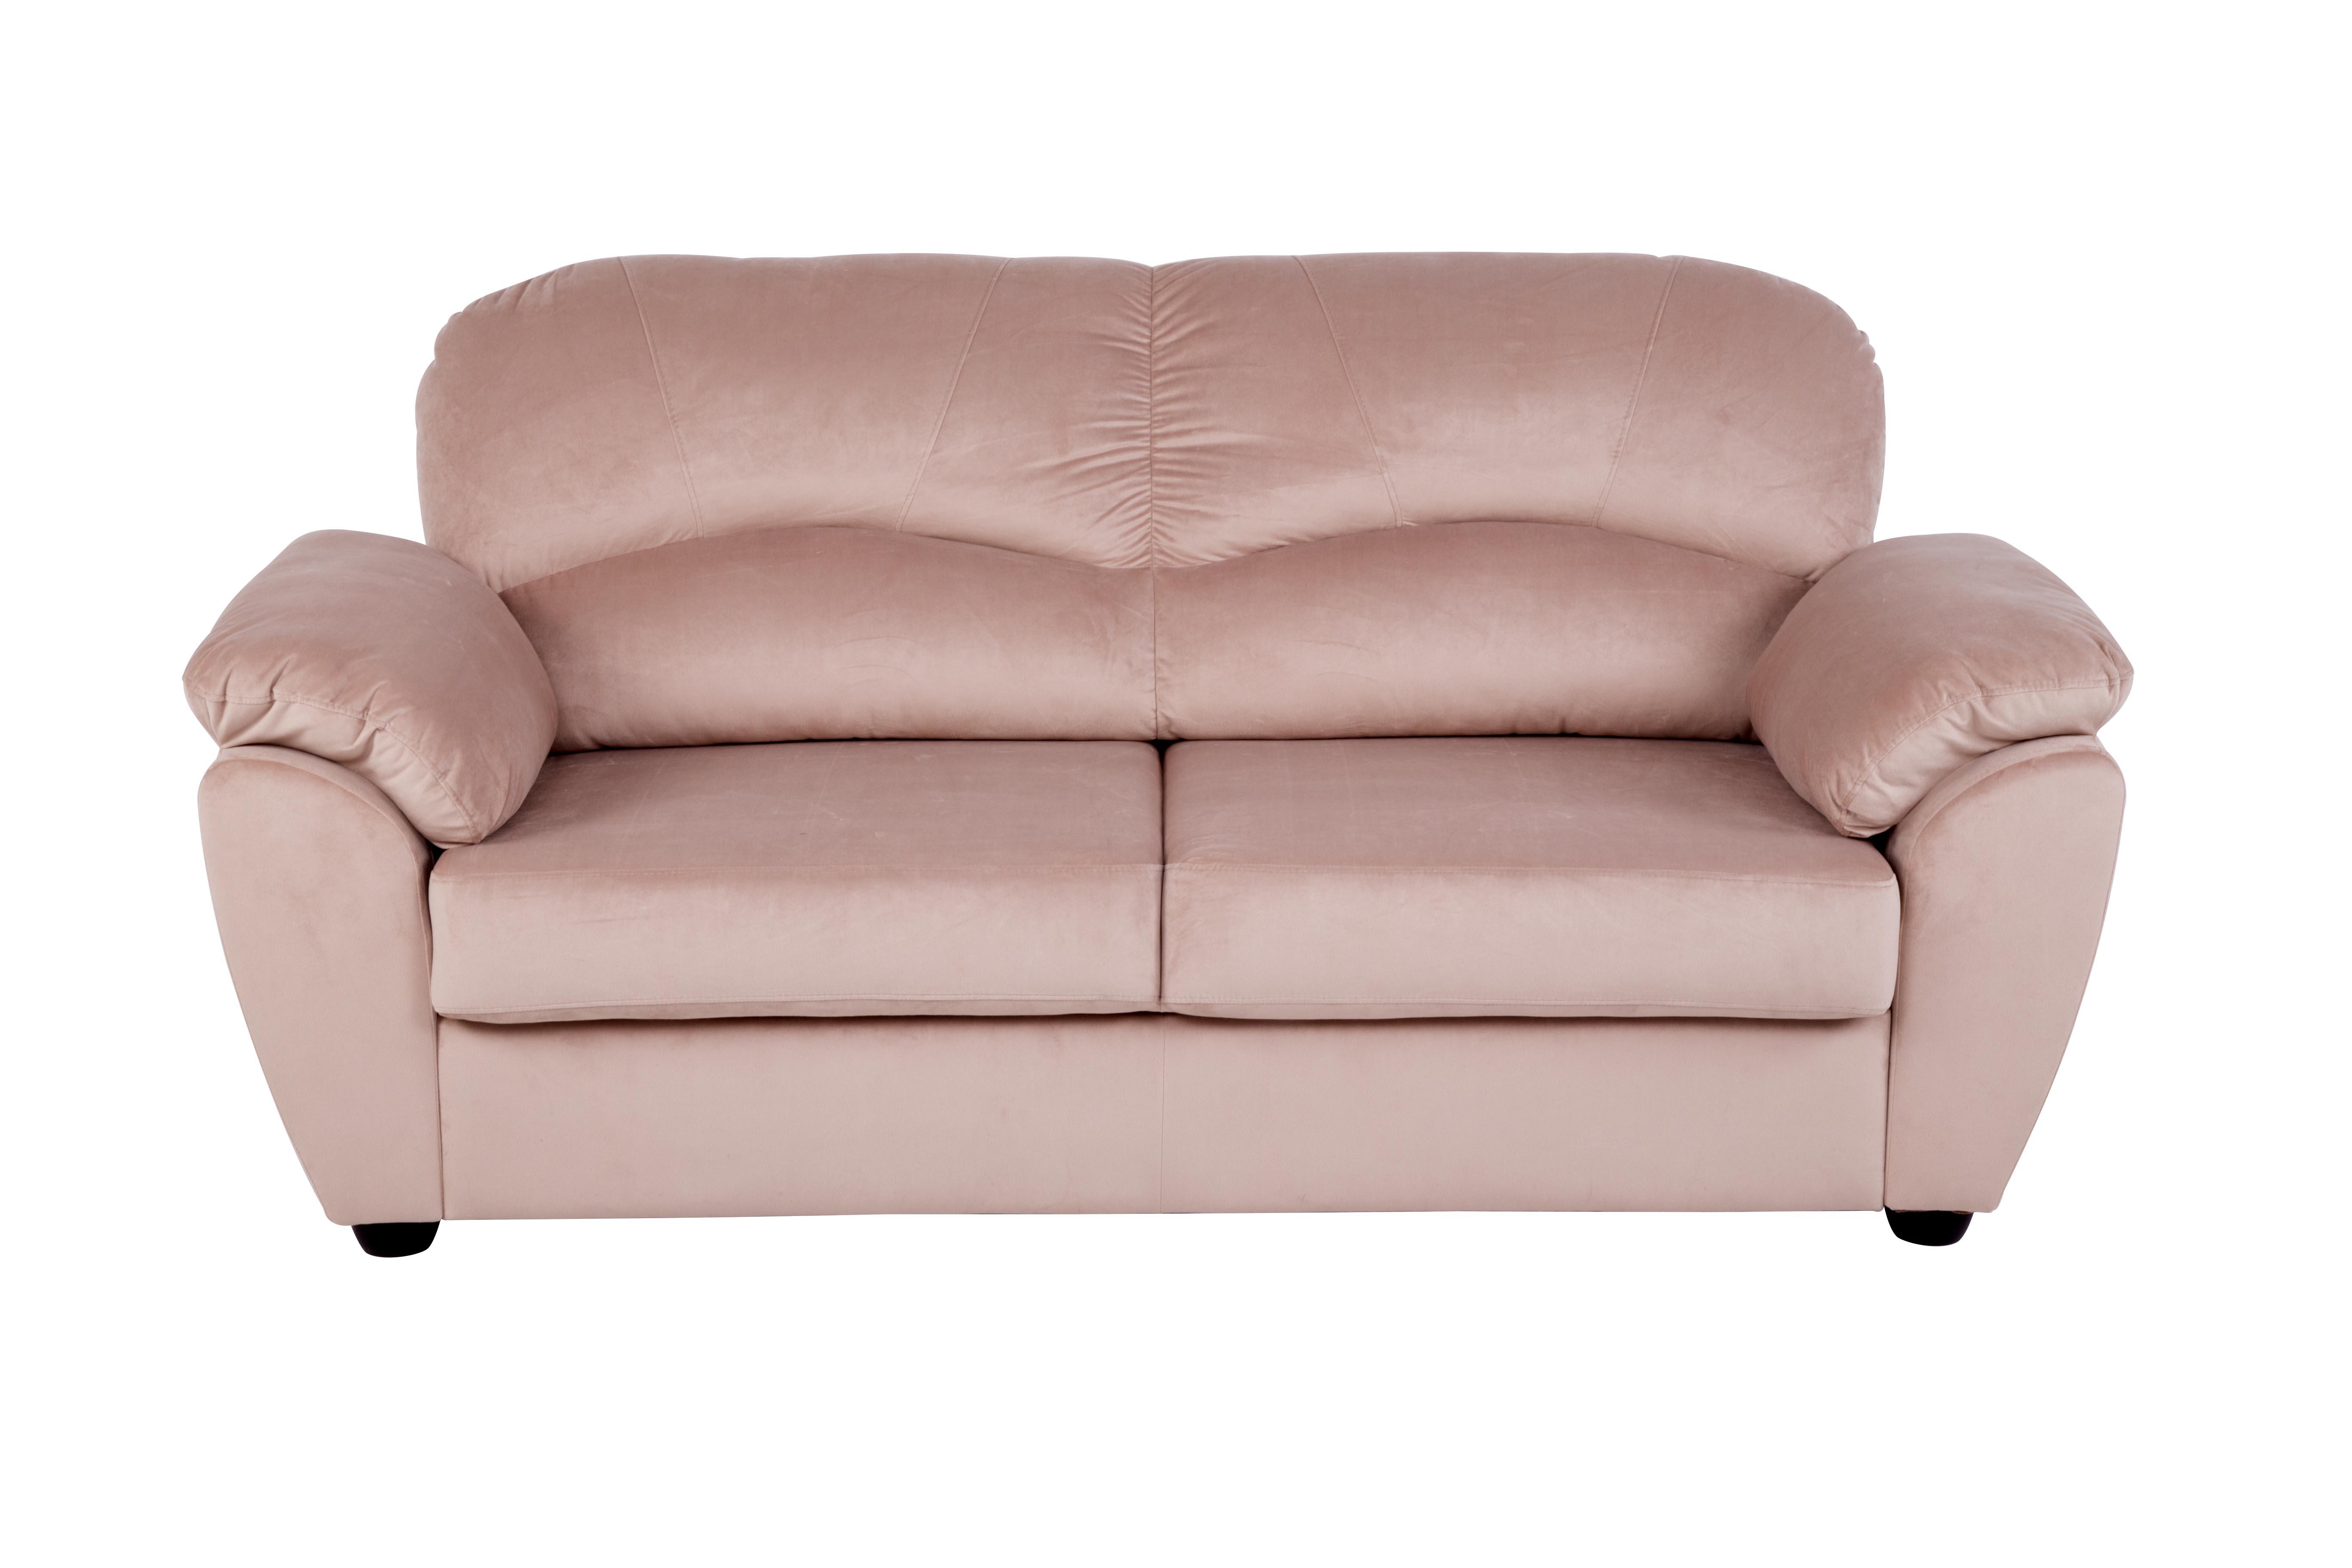 Раскладной диван ЭвитаПрямые раскладные диваны<br>Модель «Эвита» — находка для тех, кто любит коротать время на мягком диване или в уютном кресле с чашкой кофе в руках.<br>Благодаря современному дизайну, мягким формам, а также отсутствию обязывающего декора, эта модель прекрасно впишется практически в любой интерьер.<br><br>Material: Велюр<br>Ширина см: 201<br>Высота см: 95<br>Глубина см: 93